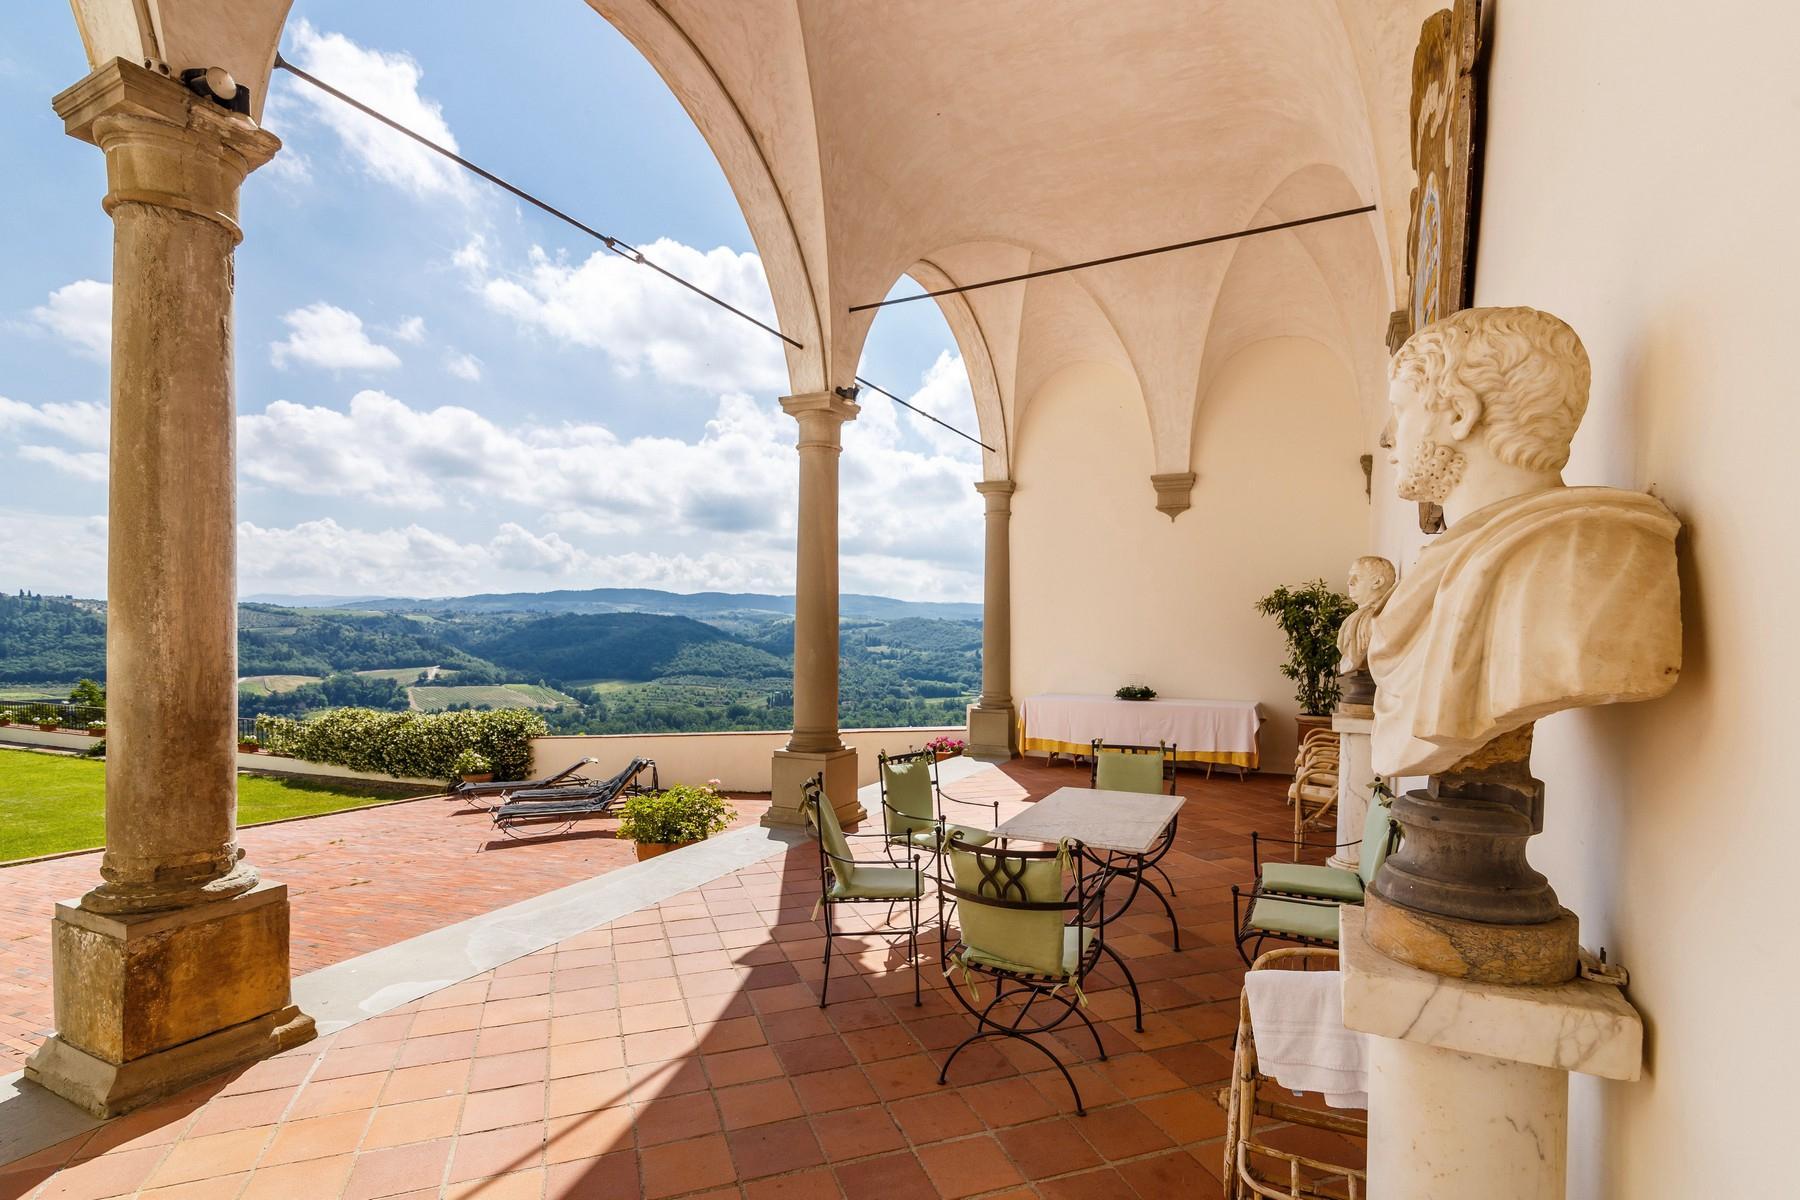 Schloss aus der Renaissance im Chianti Gebiet - 1